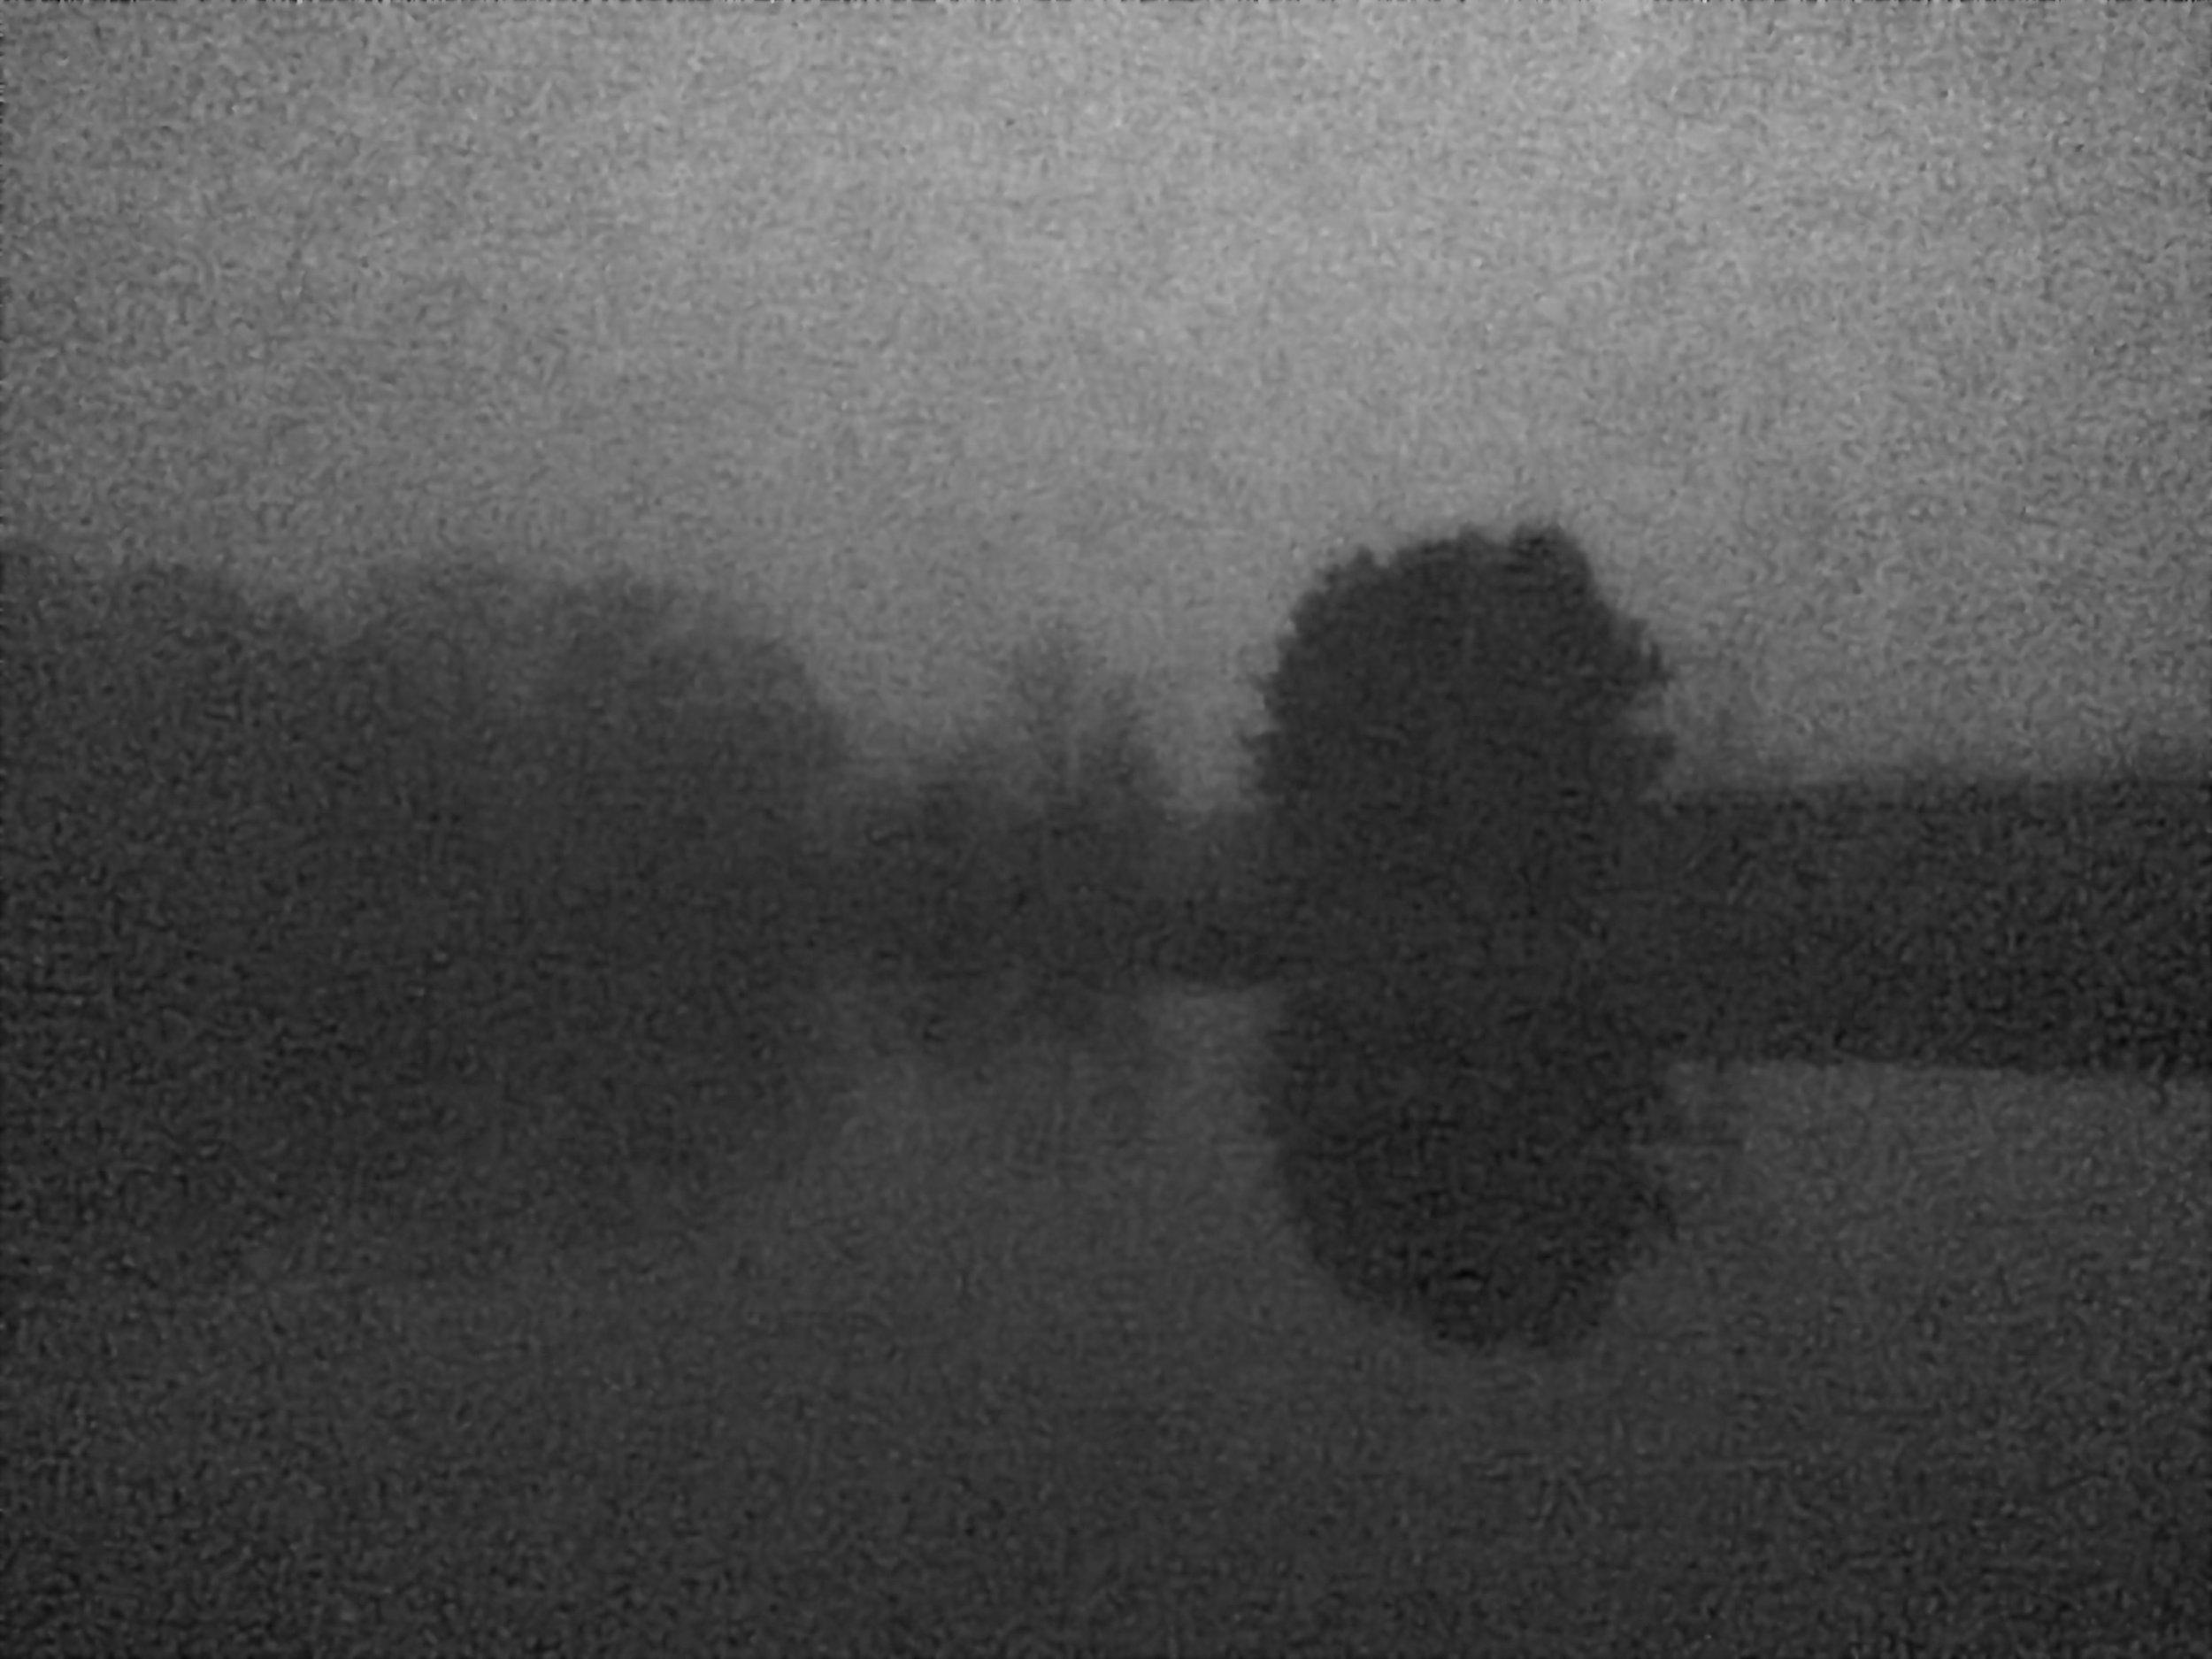 Dark Pond copy 2.jpg